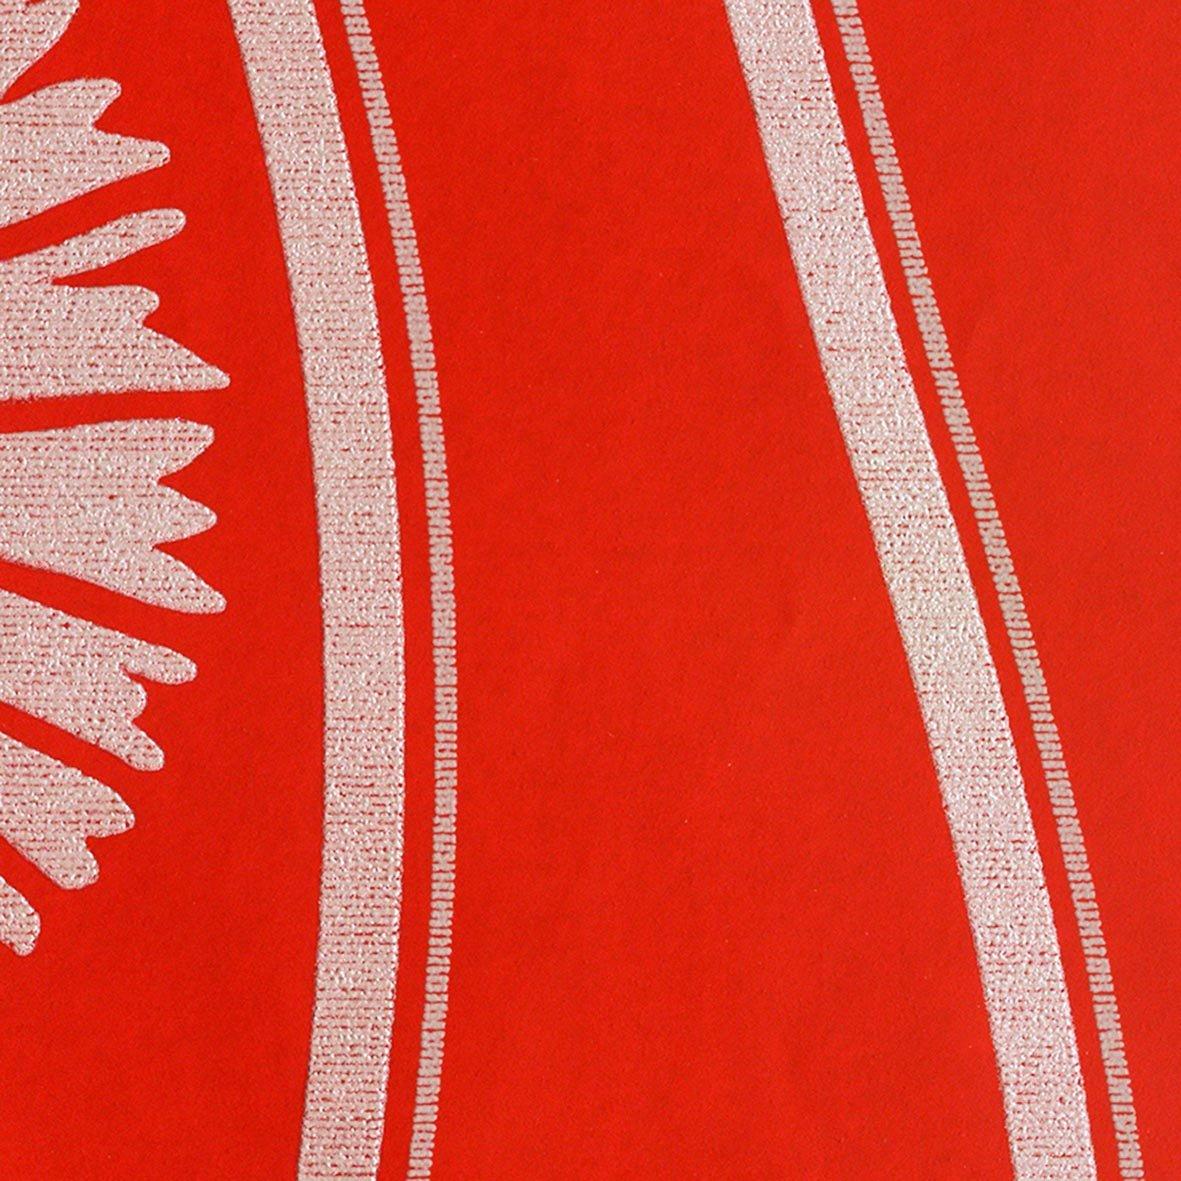 ファッションデザイナー リリカラ 壁紙25m 25m レッド Bykr1 Lw 2501 Kioi レッド 和文様 和 壁紙 Jurnal Ulb Ac Id